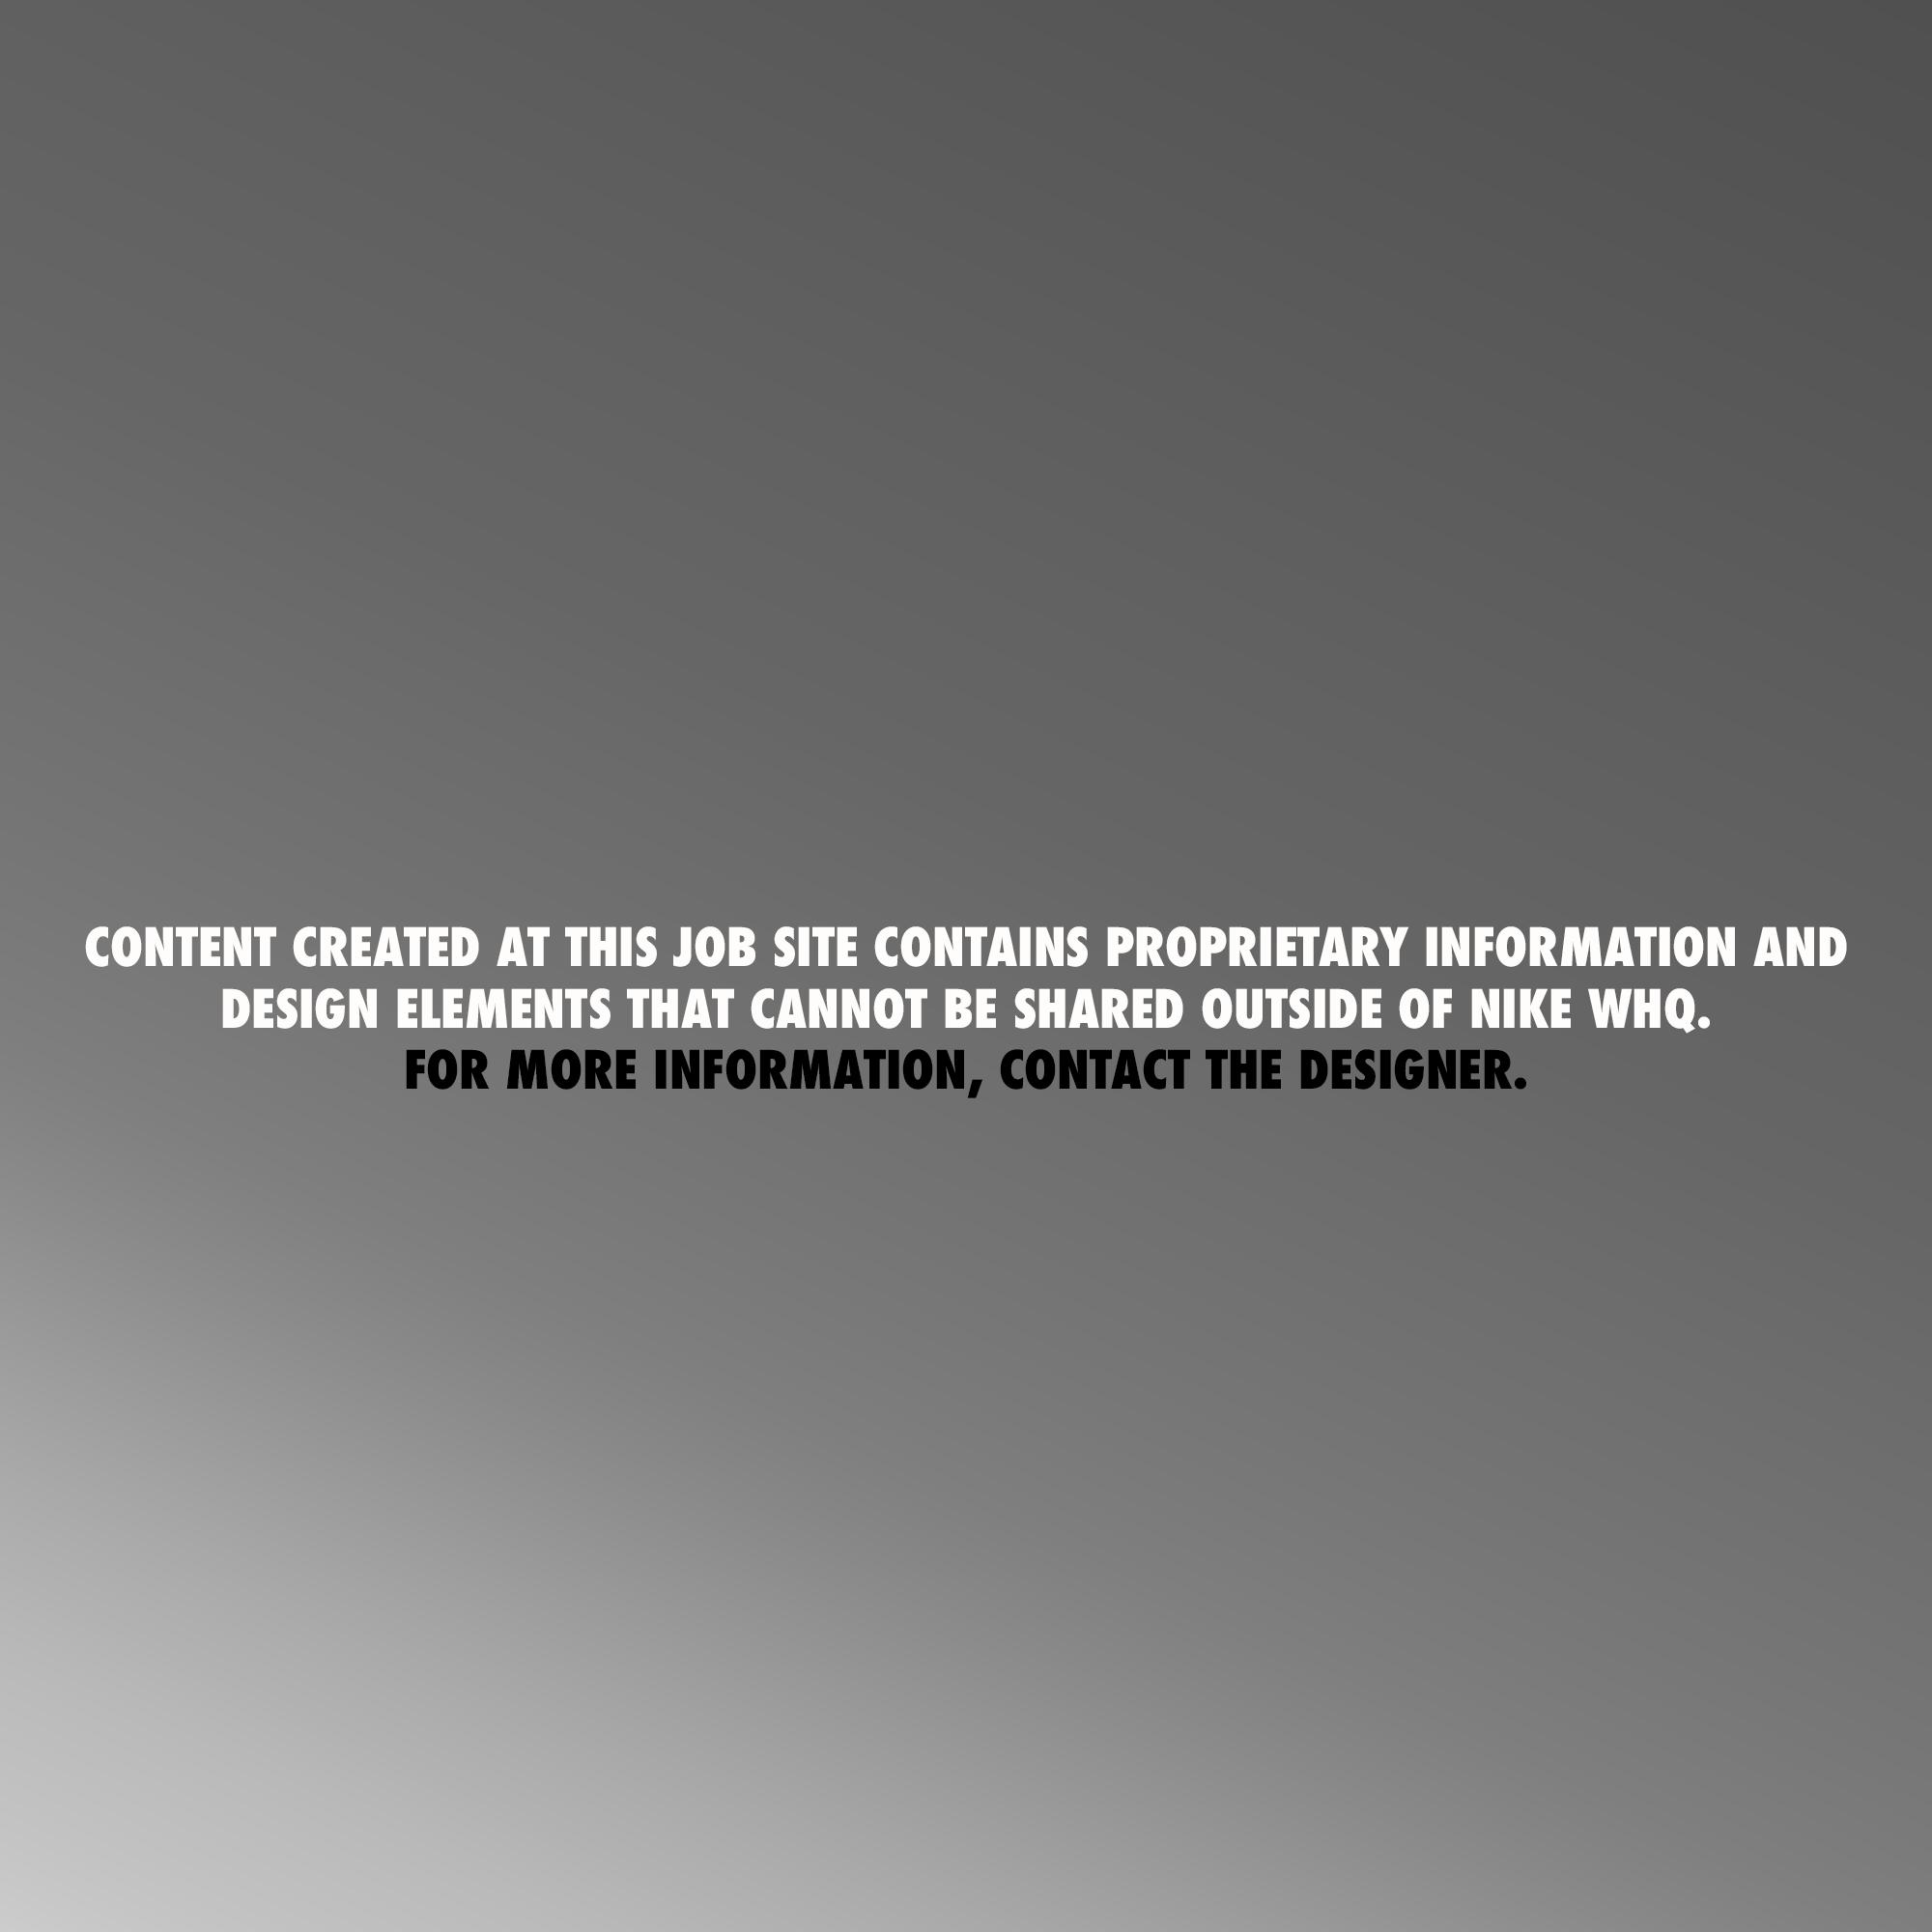 LifeWorks at Nike Content Warning